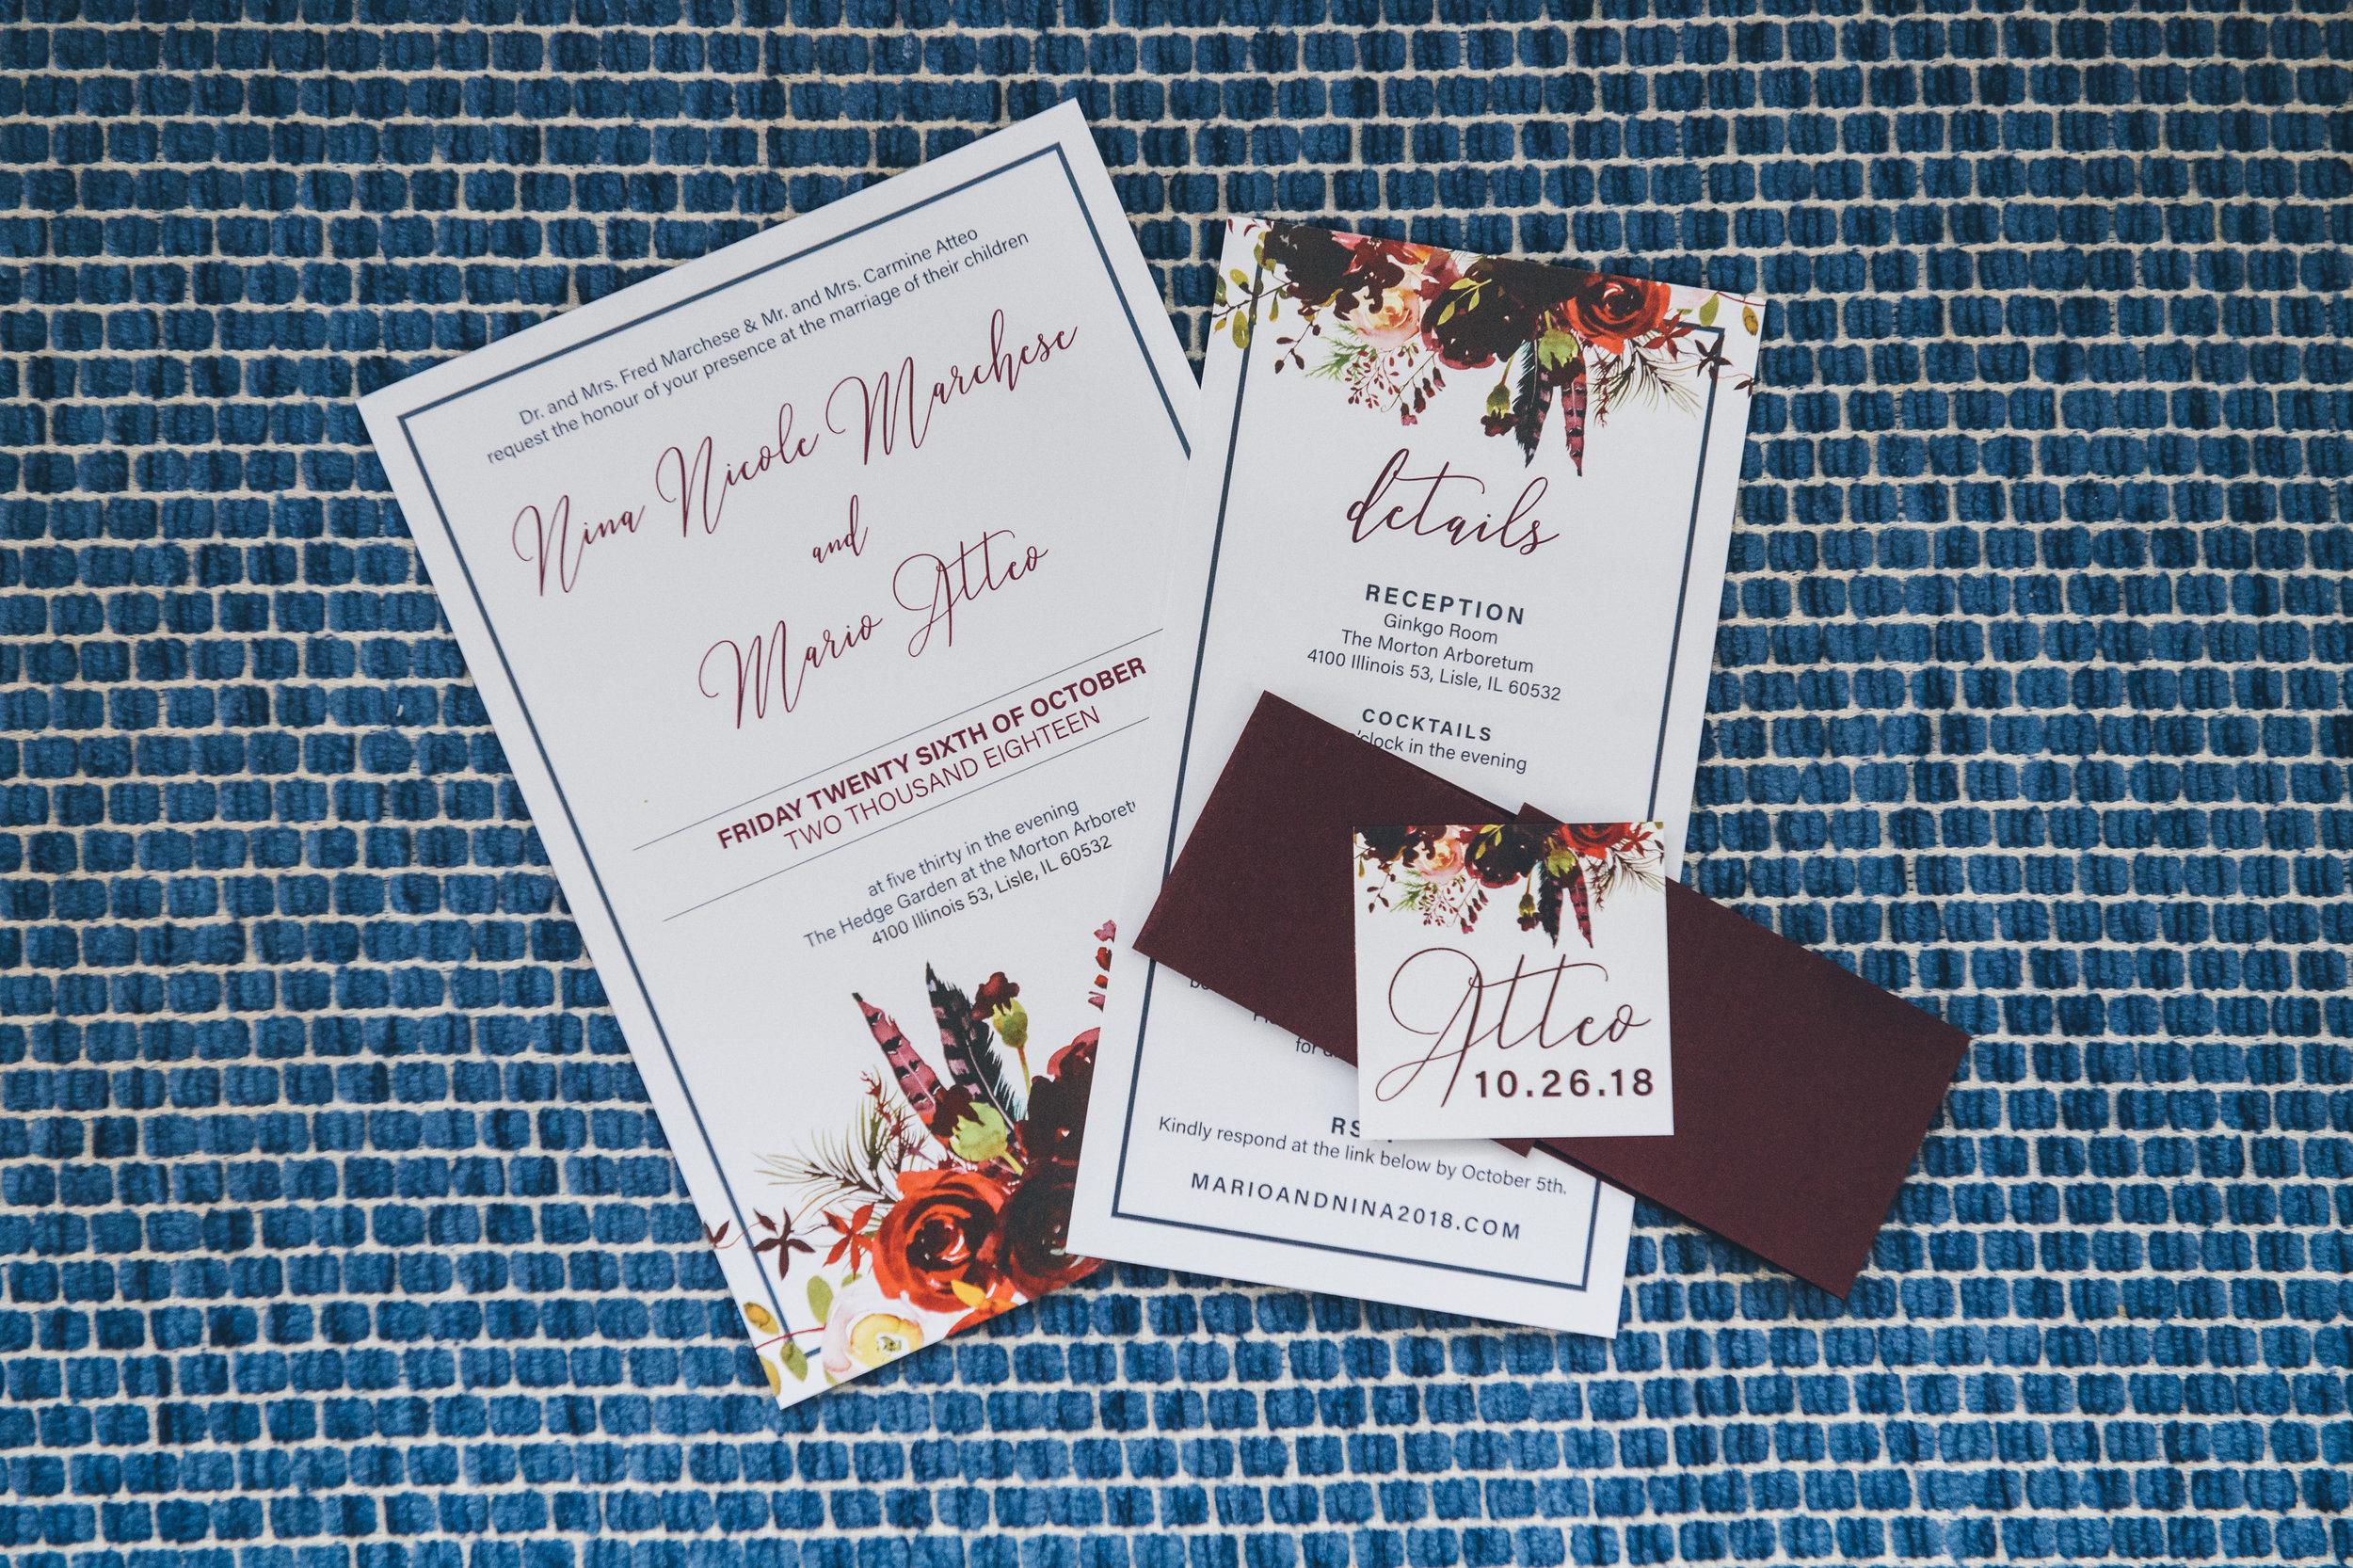 Nina & Mario Wedding Invites.jpg